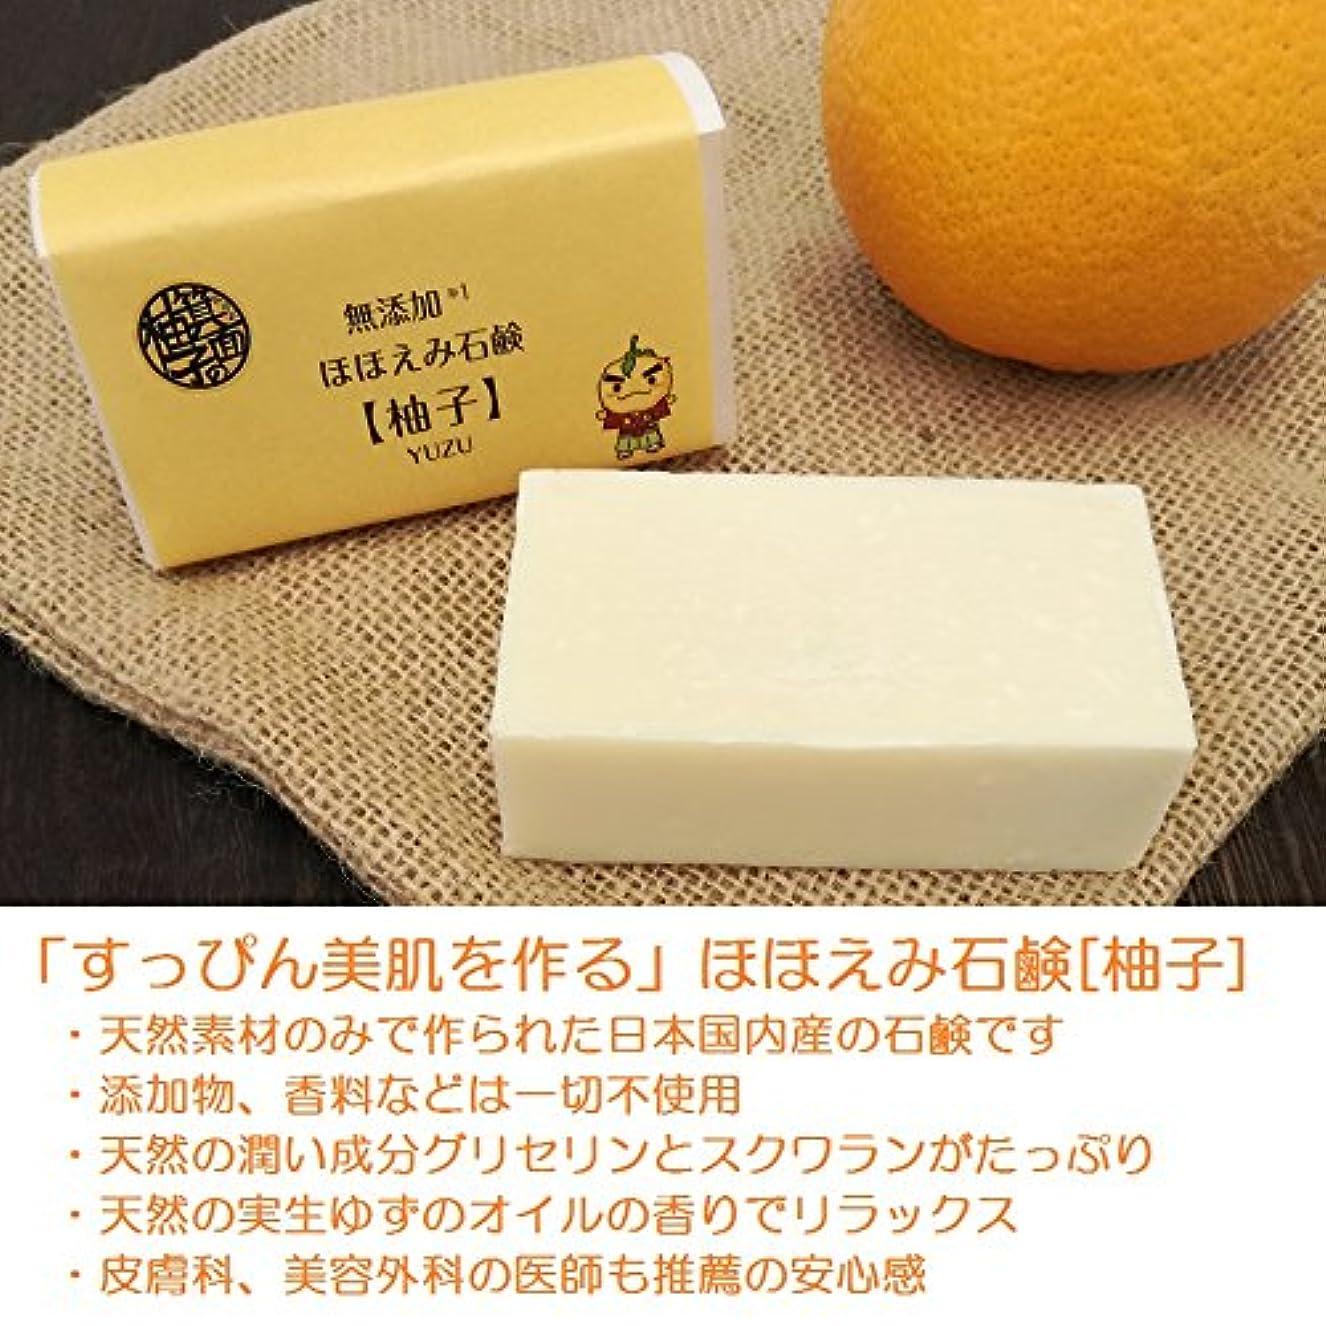 パイル暴徒入るすっぴん美肌を作る ほほえみ石鹸 柚子 オリーブオイル 無添加 オーガニック 日本製 80g